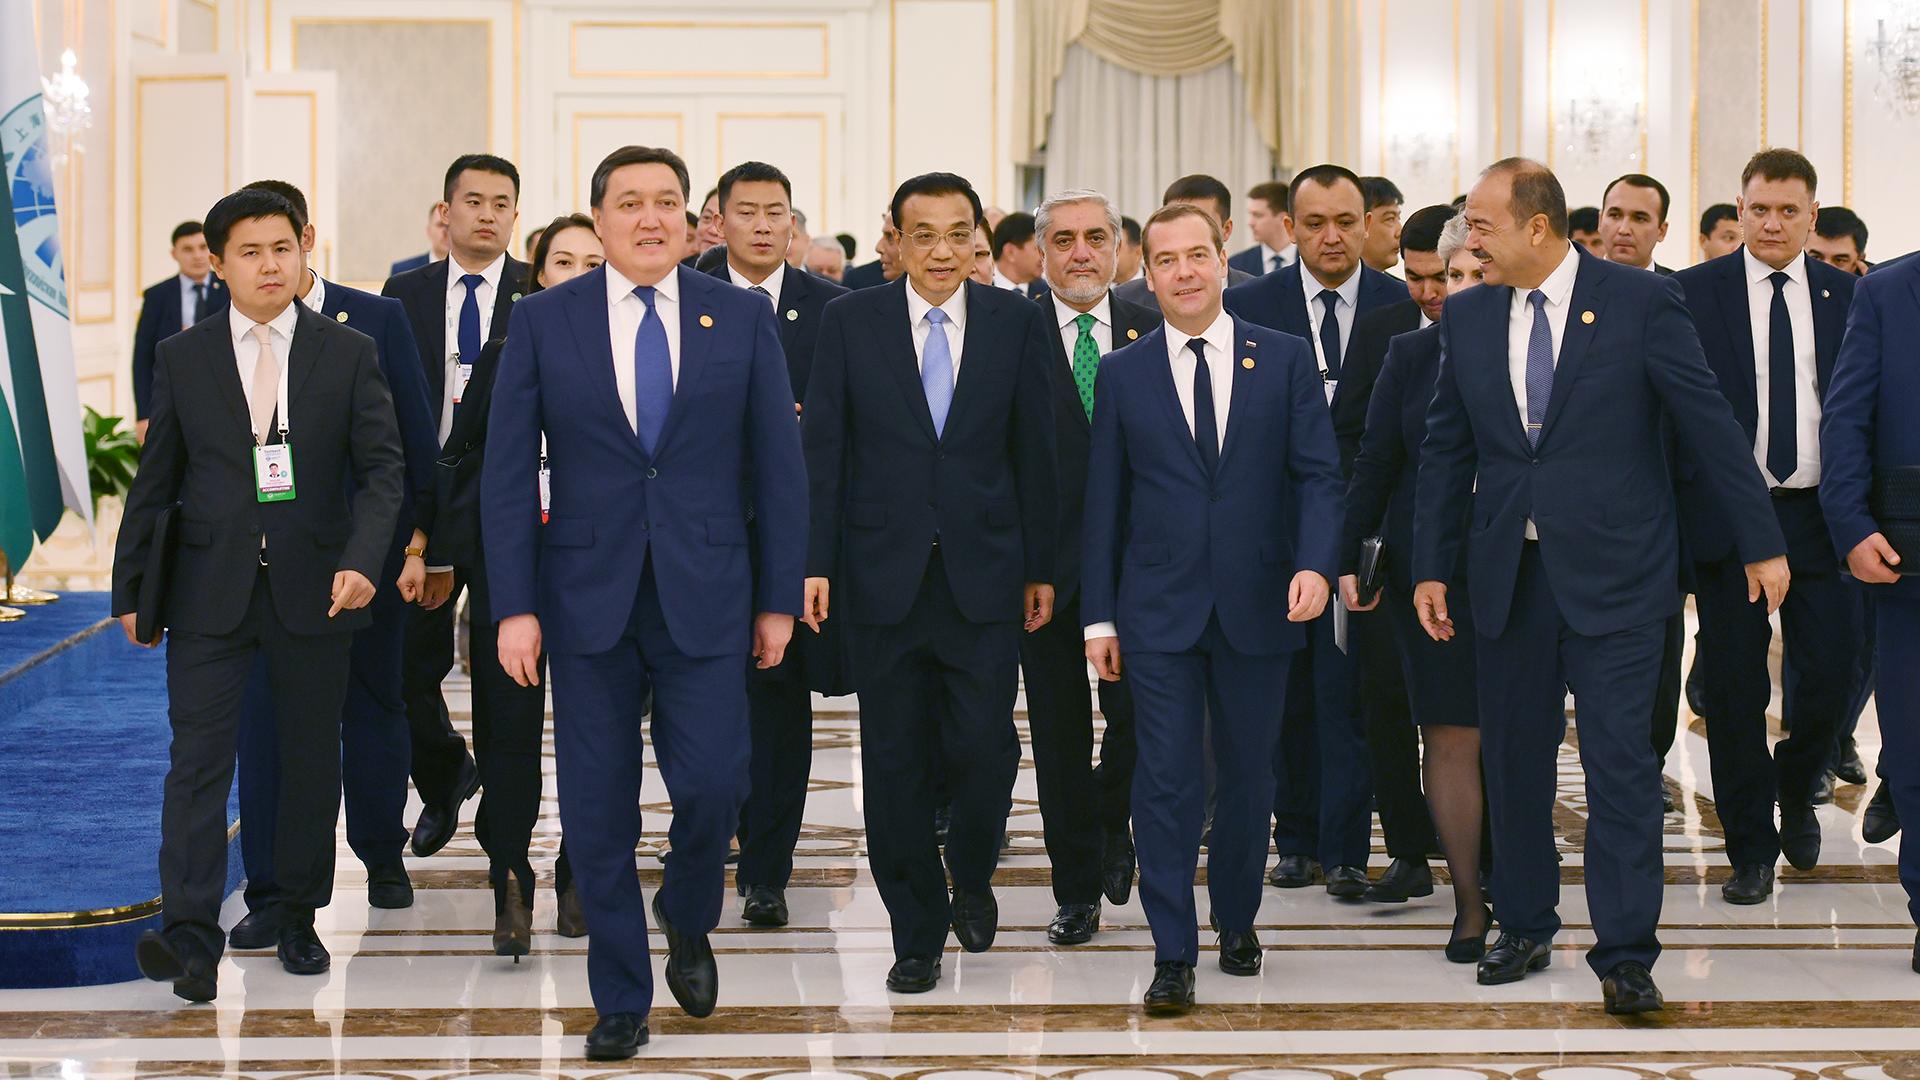 Мамин представил пакет инициатив по развитию экономического сотрудничества в рамках ШОС